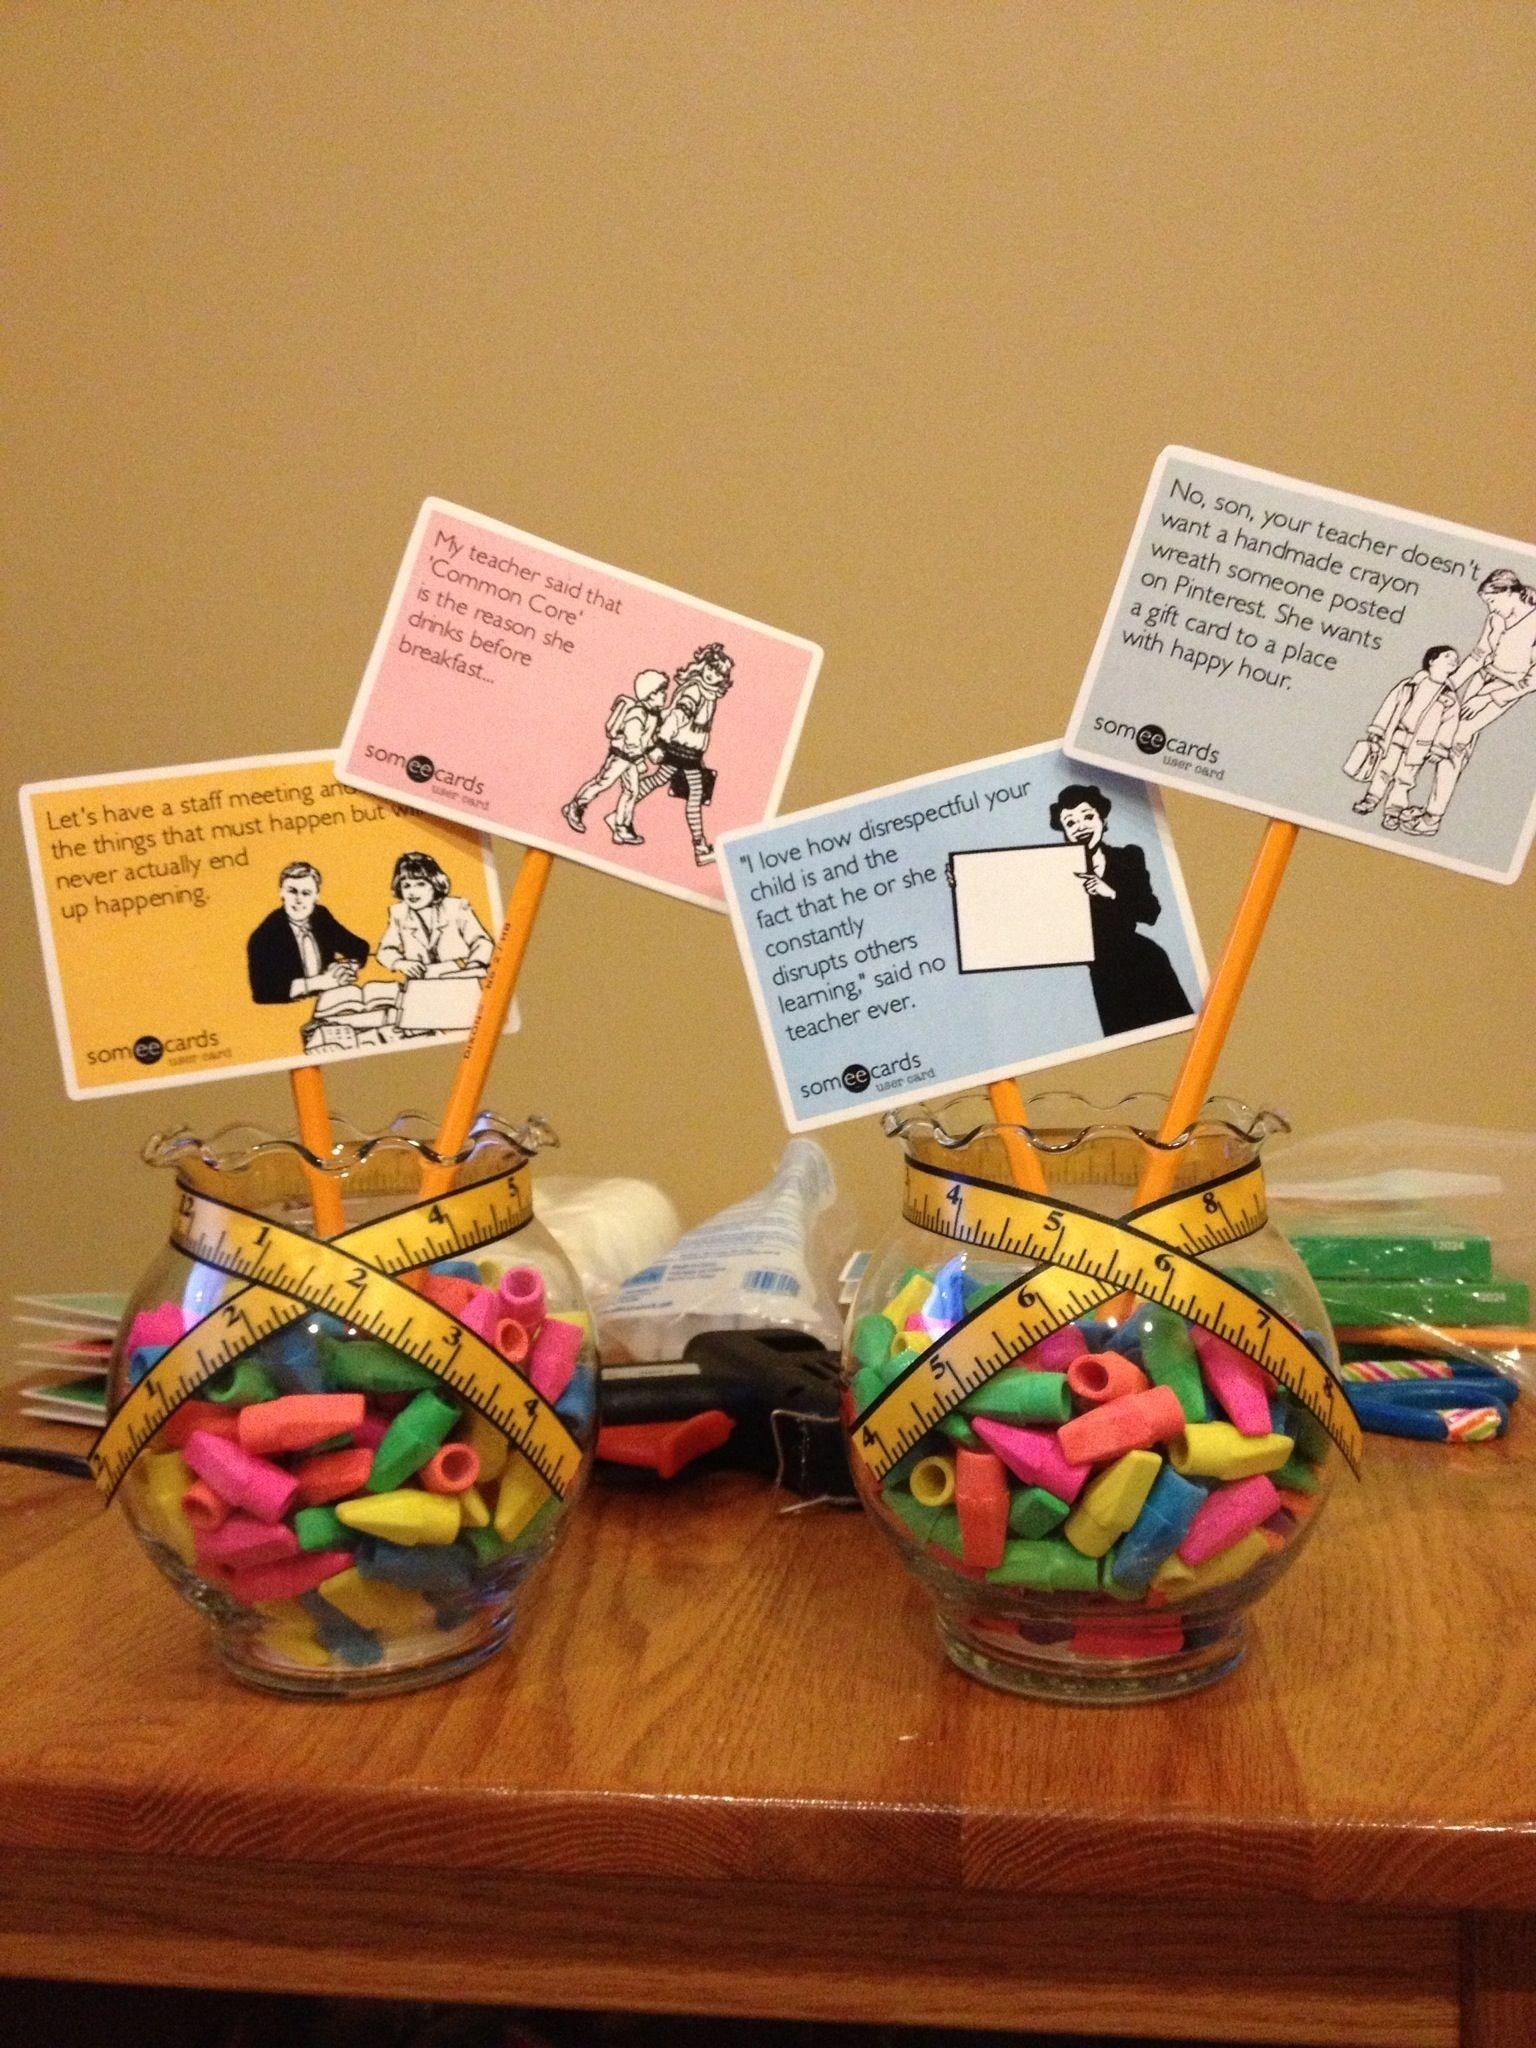 10 Elegant Gift Ideas For Retiring Teachers centerpieces for teacher retirement party party ideas pinterest 1 2021